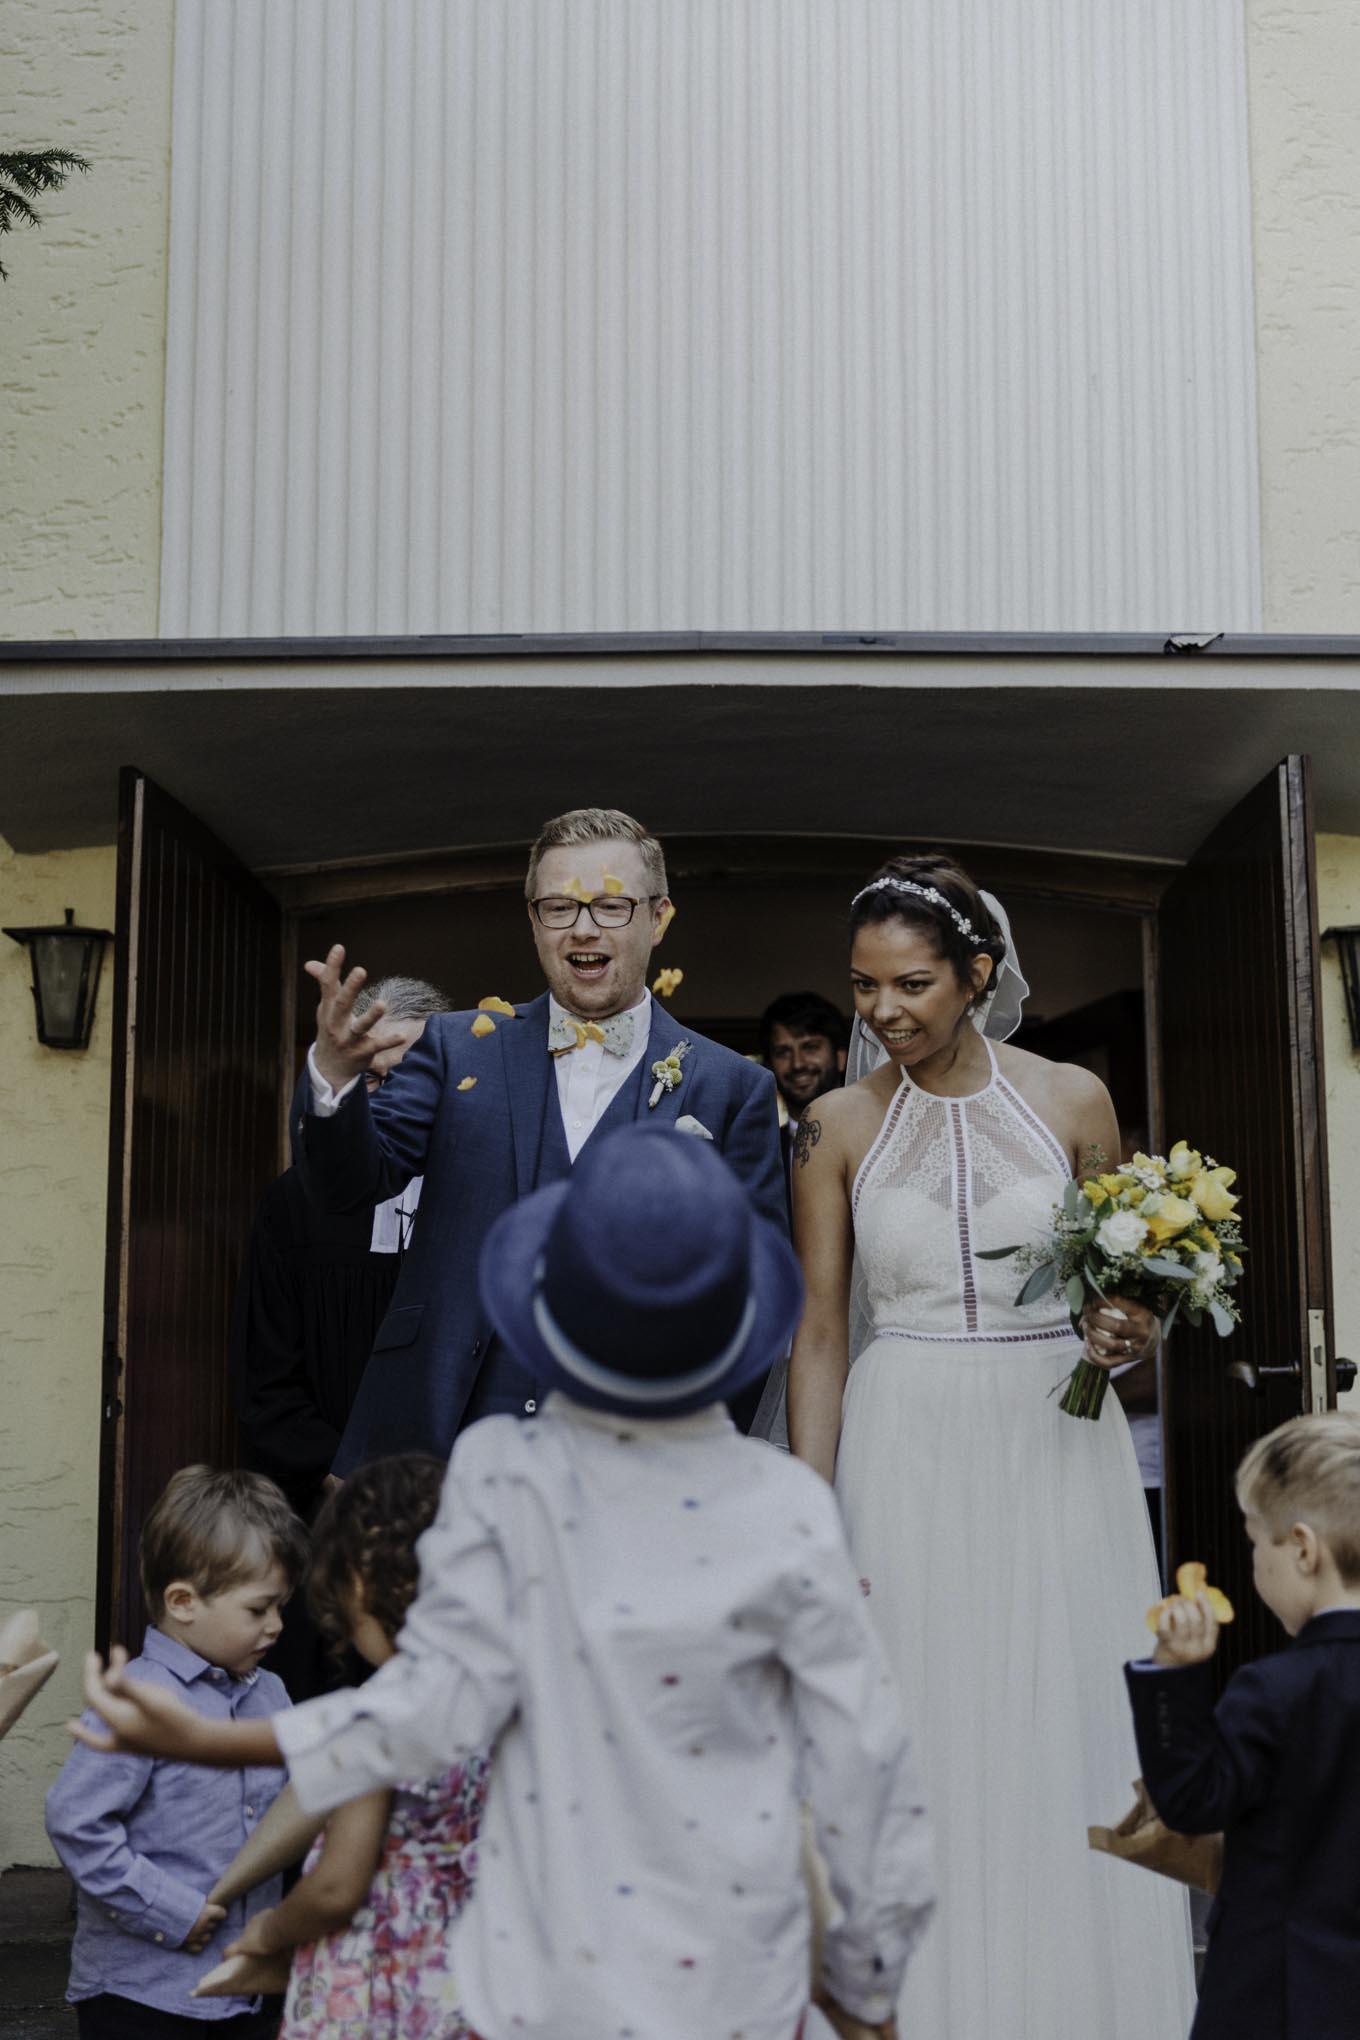 Brautpaar vor Kirche mit Blütenblättern